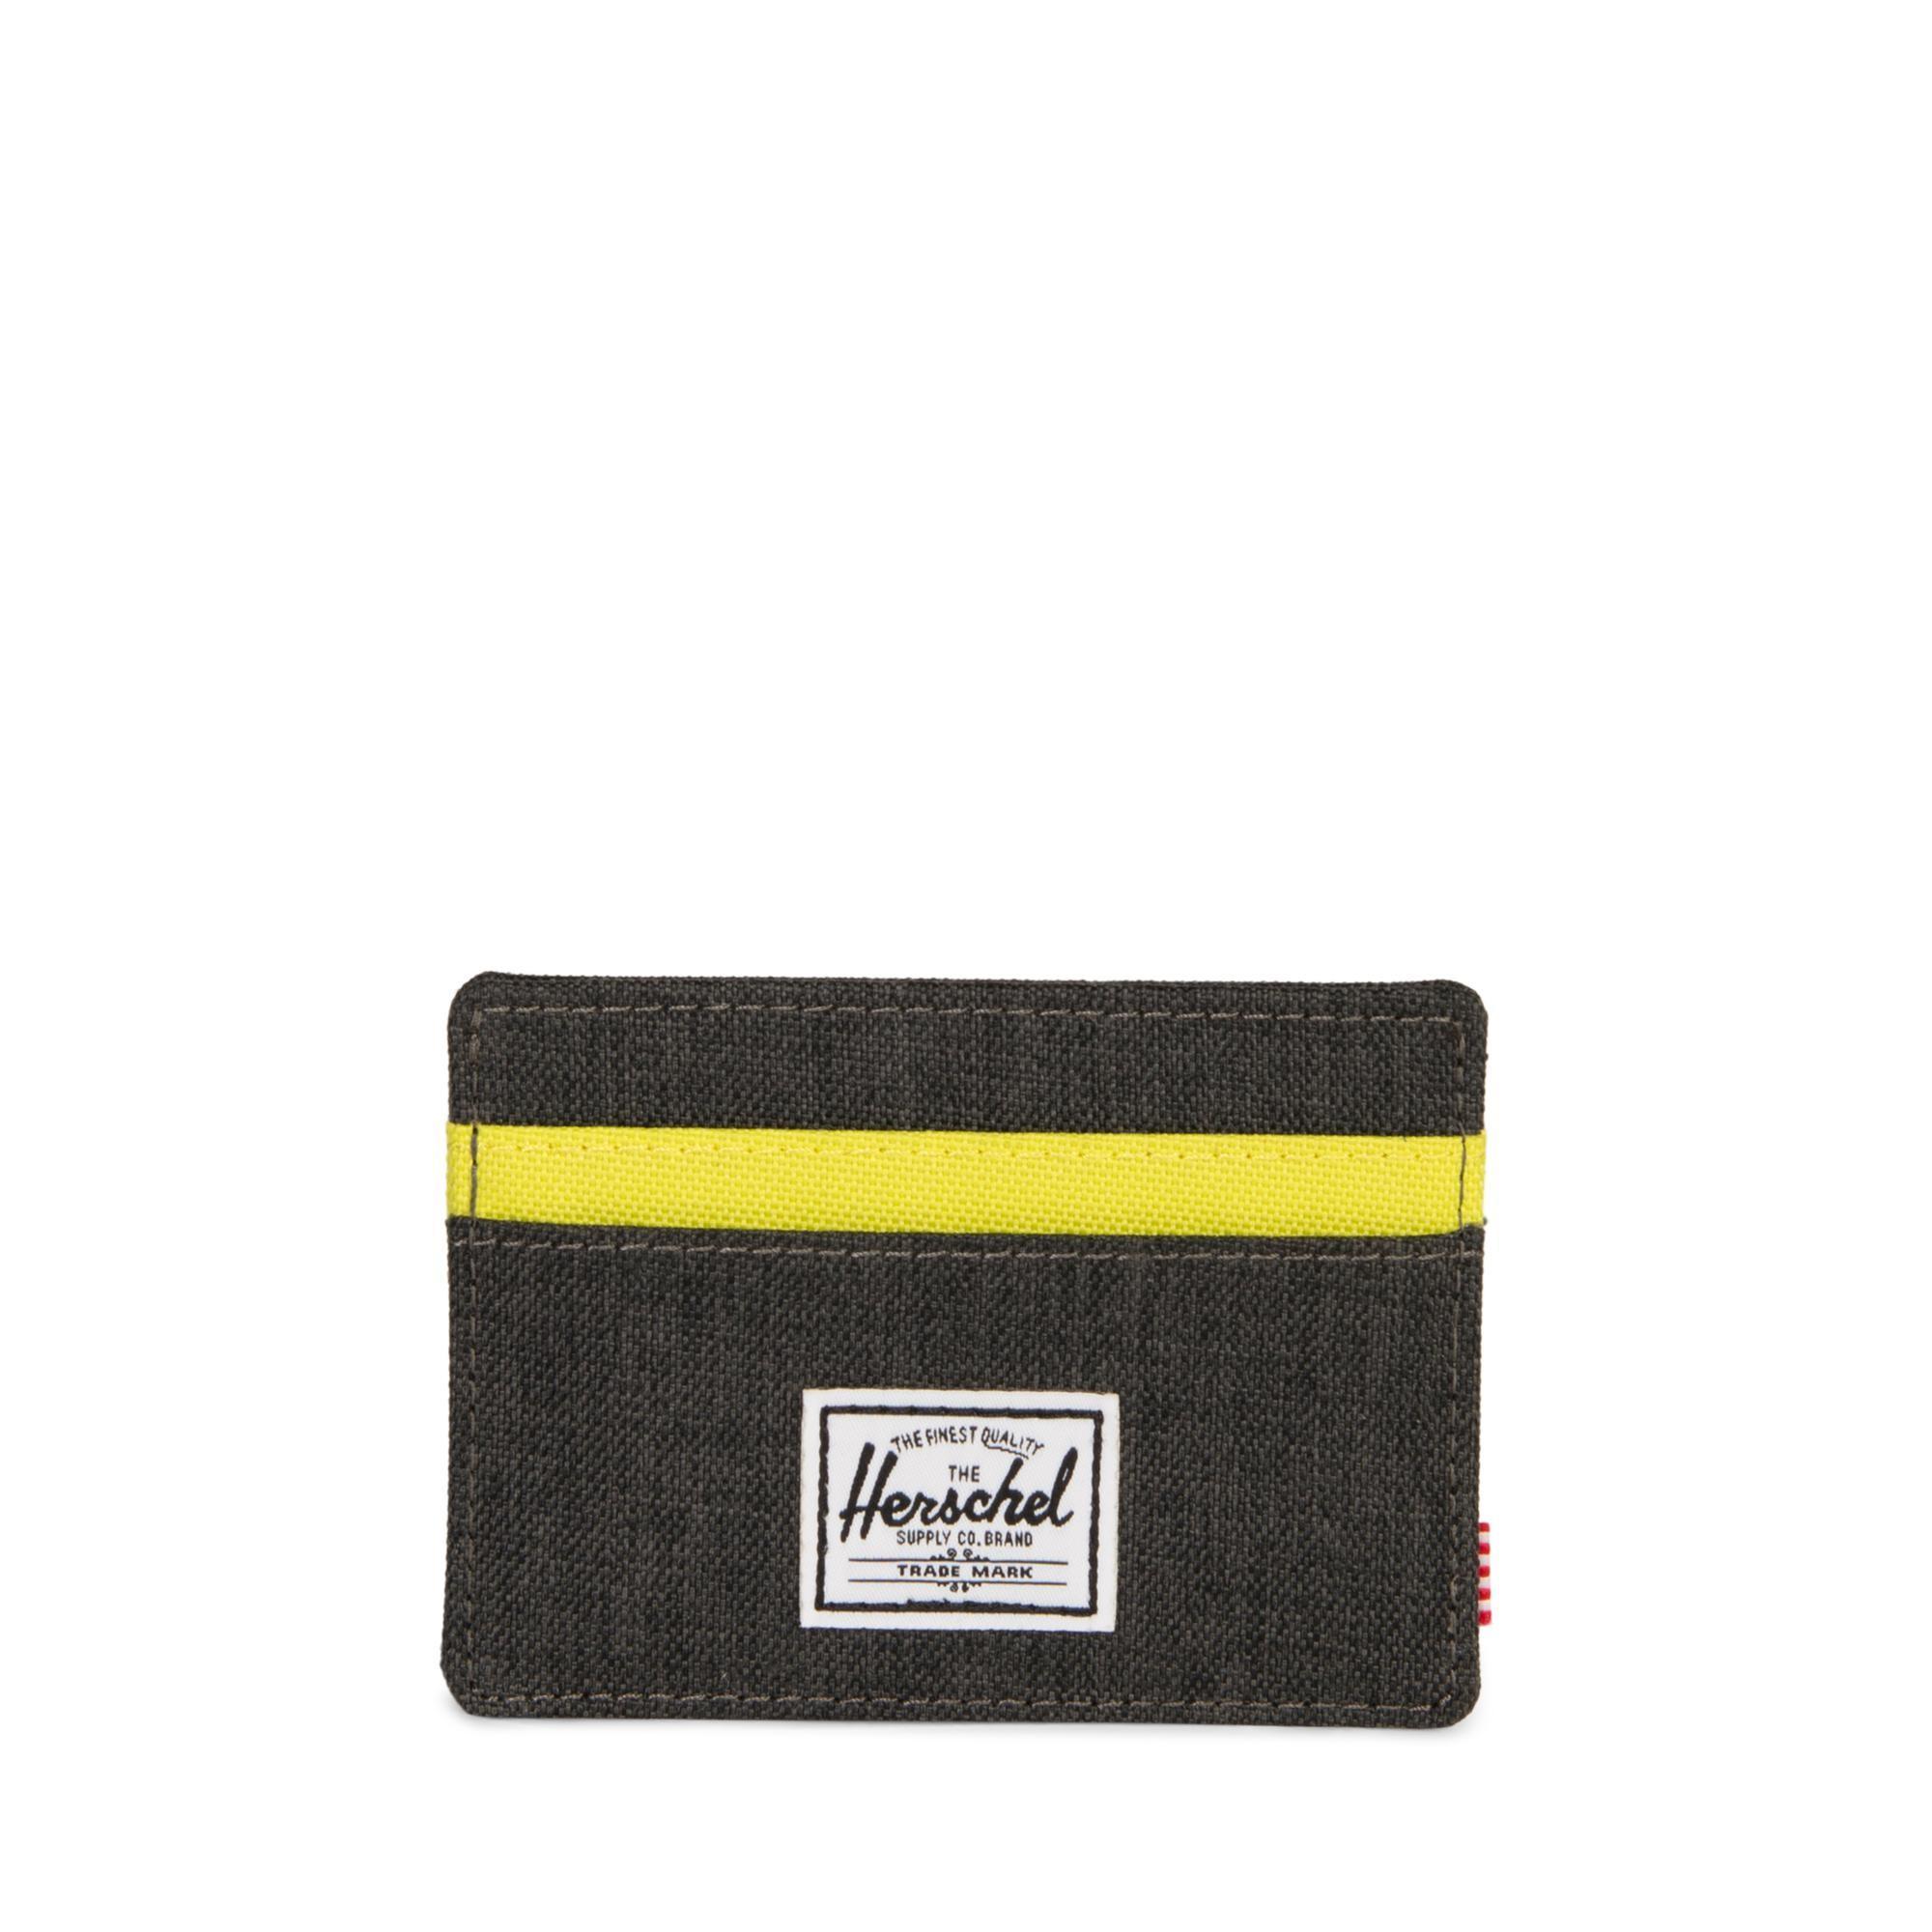 Herschel Charlie RFID - Black Crosshatch/Evening Primrose